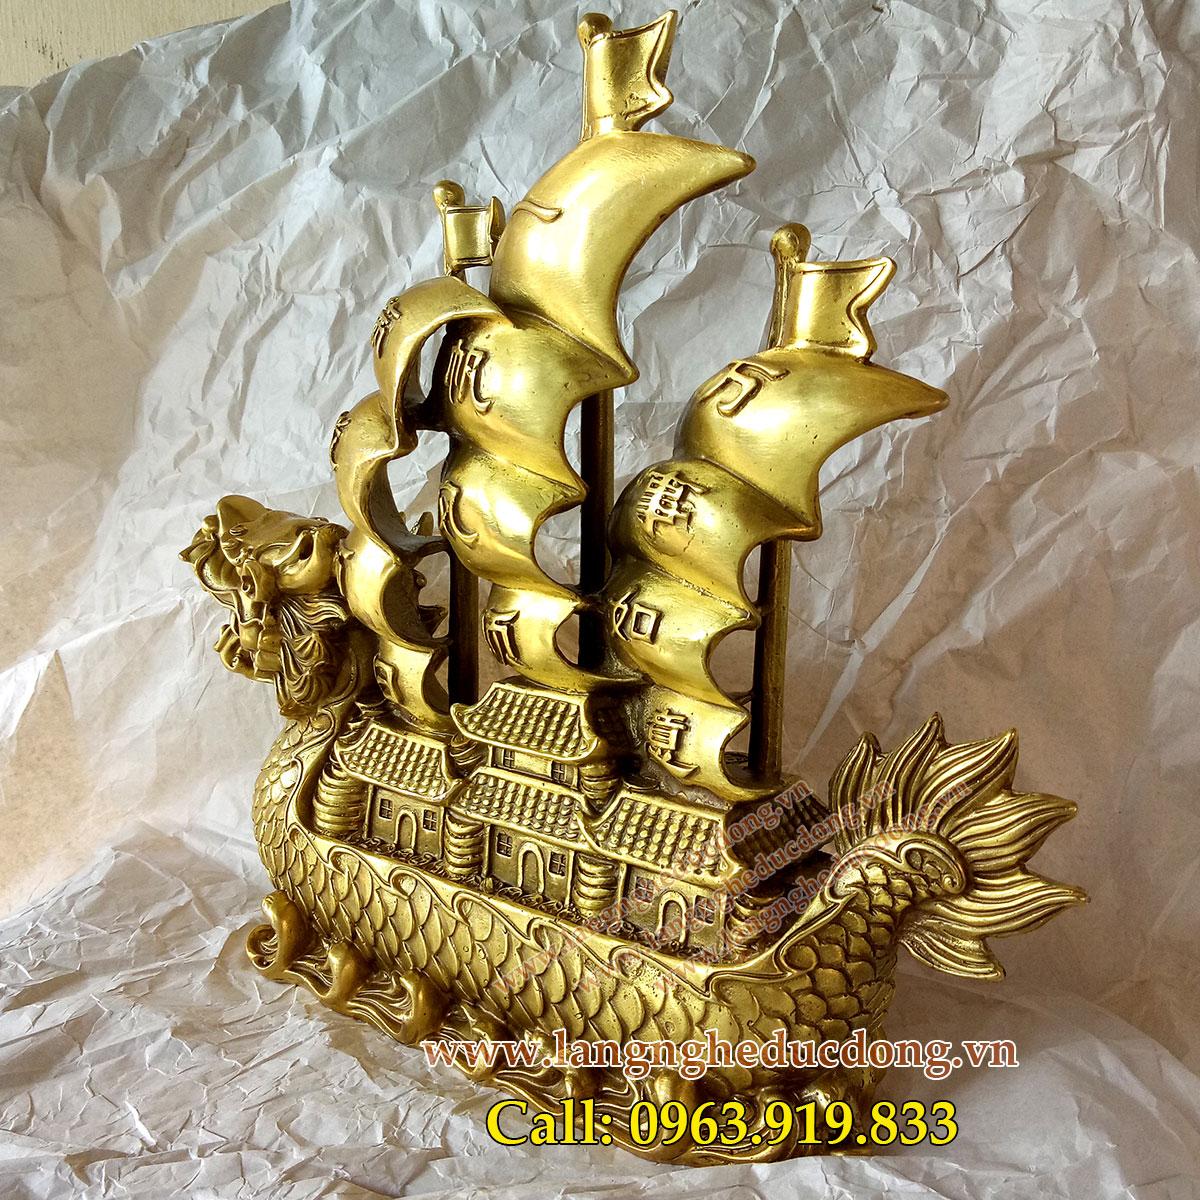 langngheducdong.vn - vật phẩm phong thủy, thuyền đồng, thuyền buồm, thuyền rồng